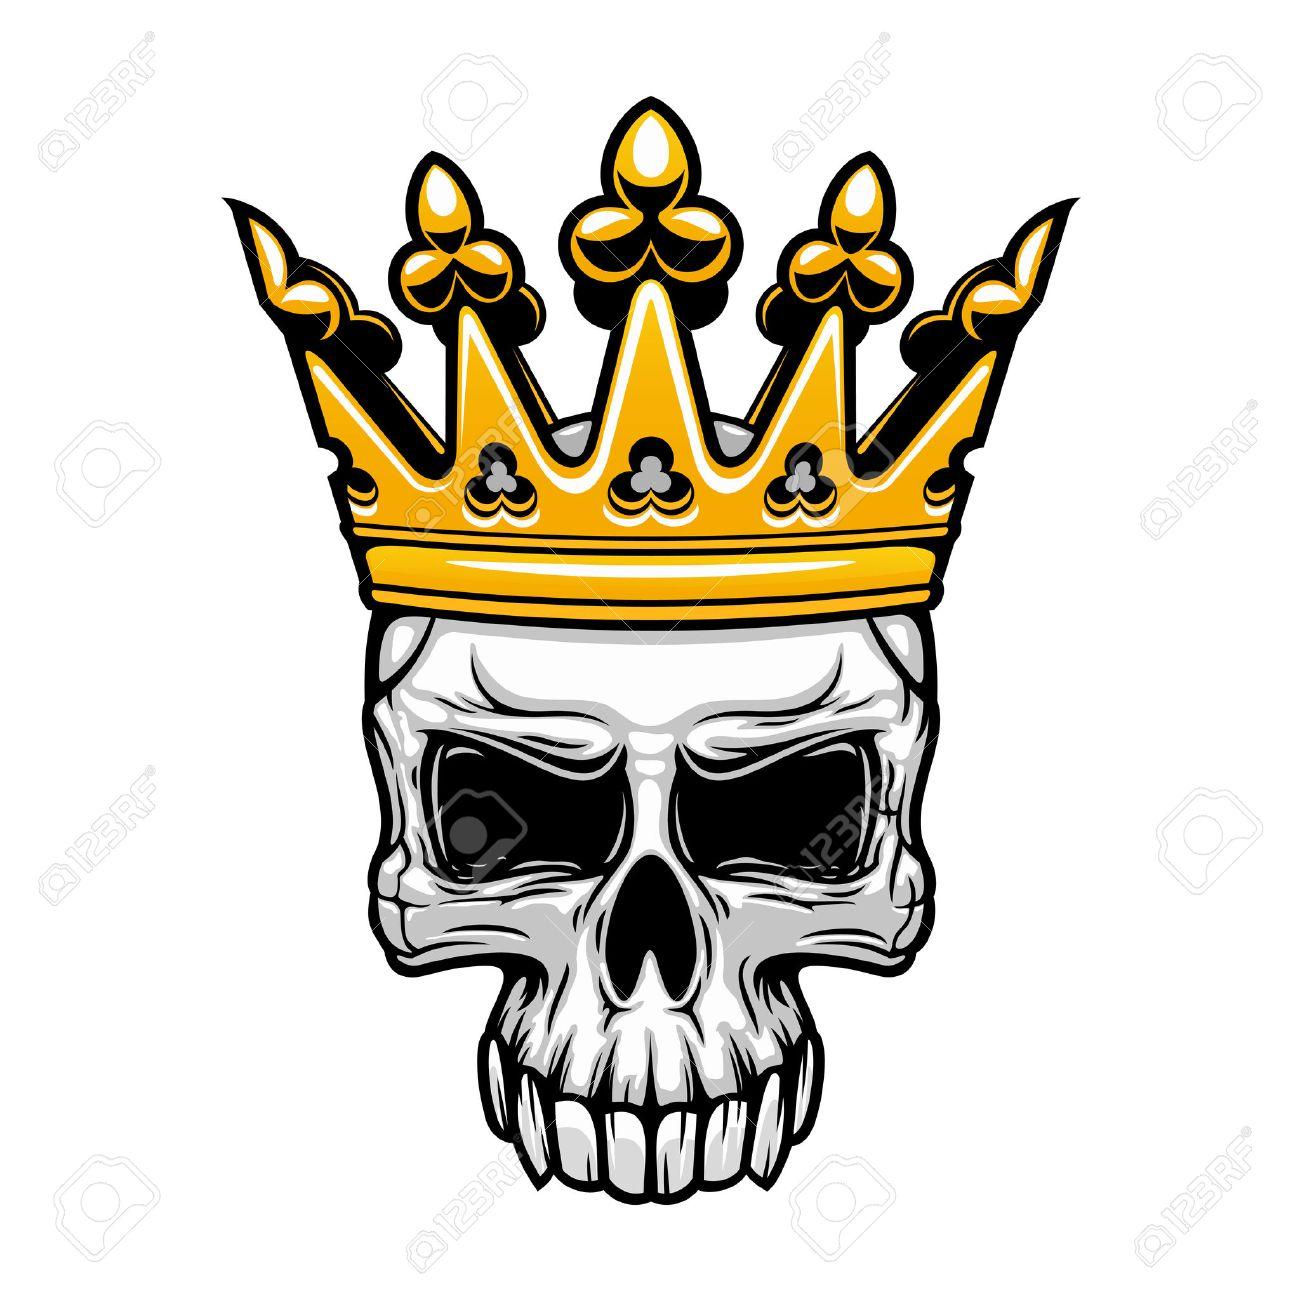 Símbolo De La Calavera Coronada Rey De Cráneo Humano Espeluznante